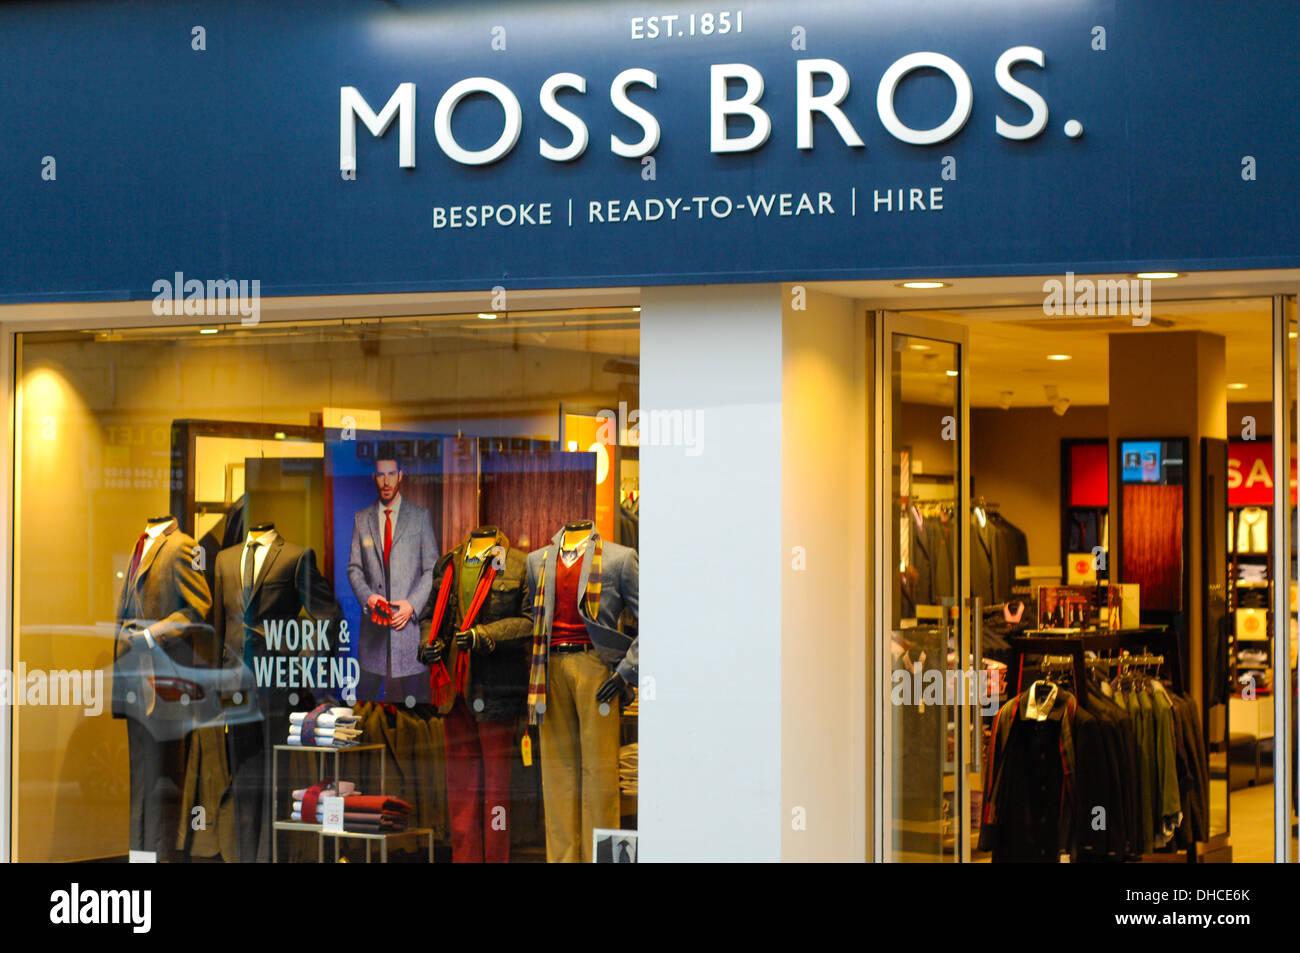 Moss Bros Herrenmode shop Stockfoto